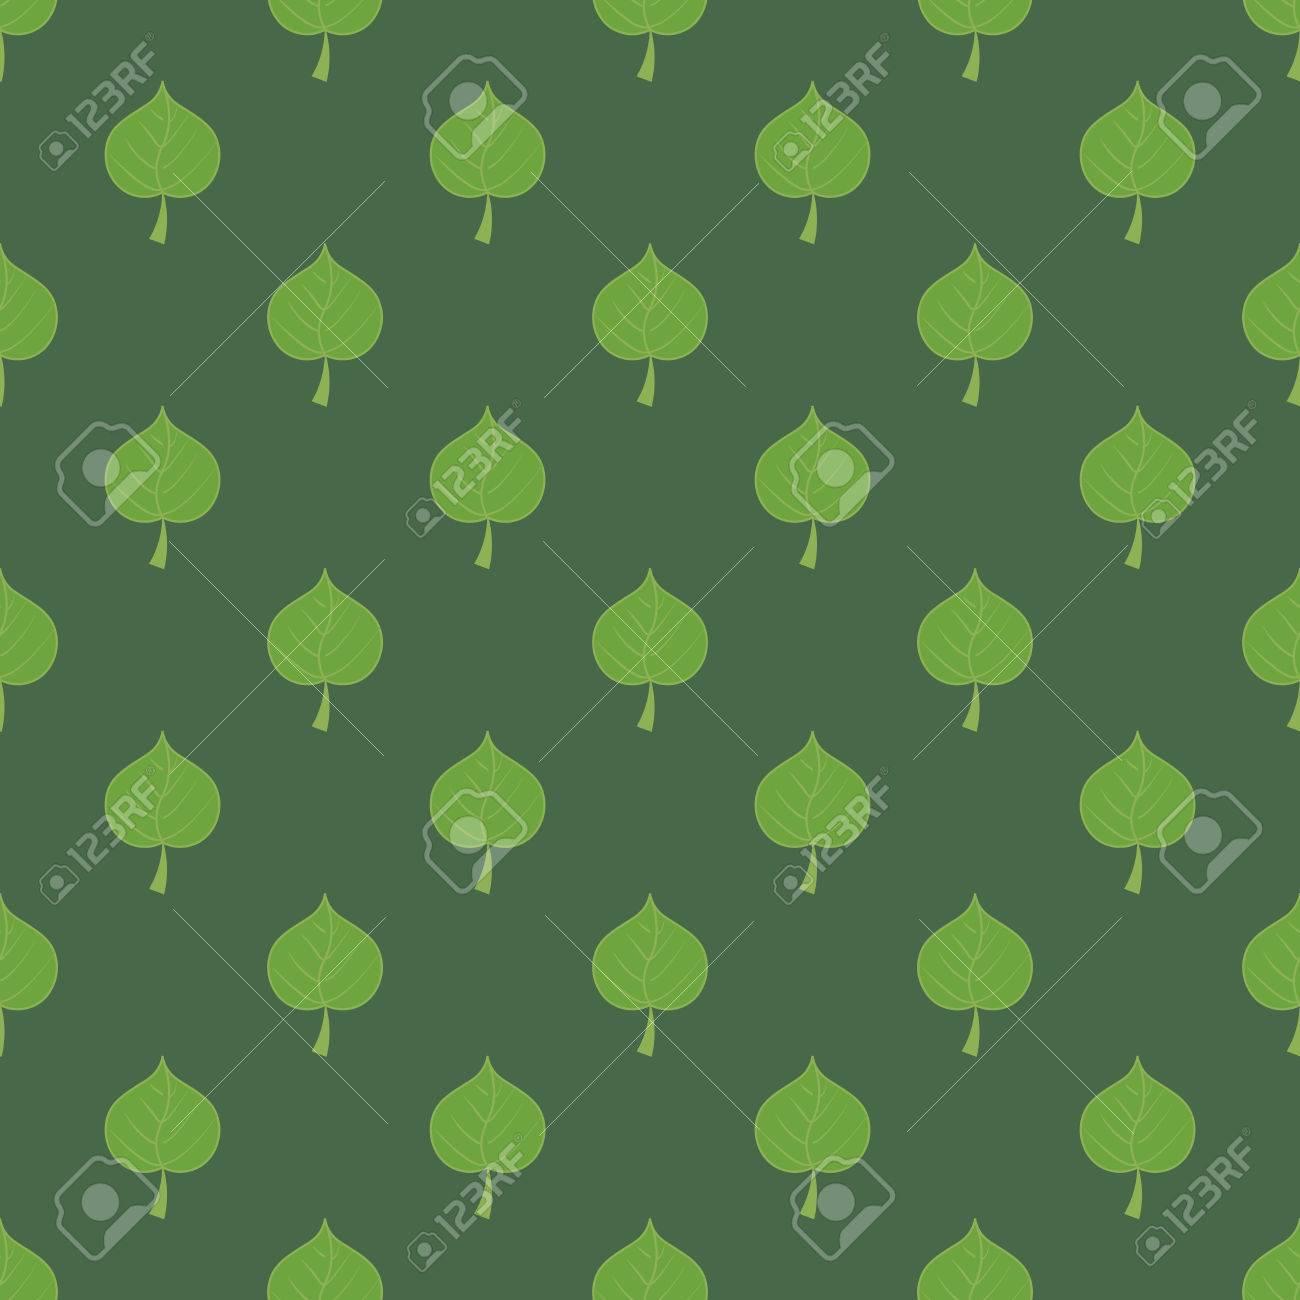 濃い緑色の背景のシームレスなパターンにリンデンの葉 ナチュラルな